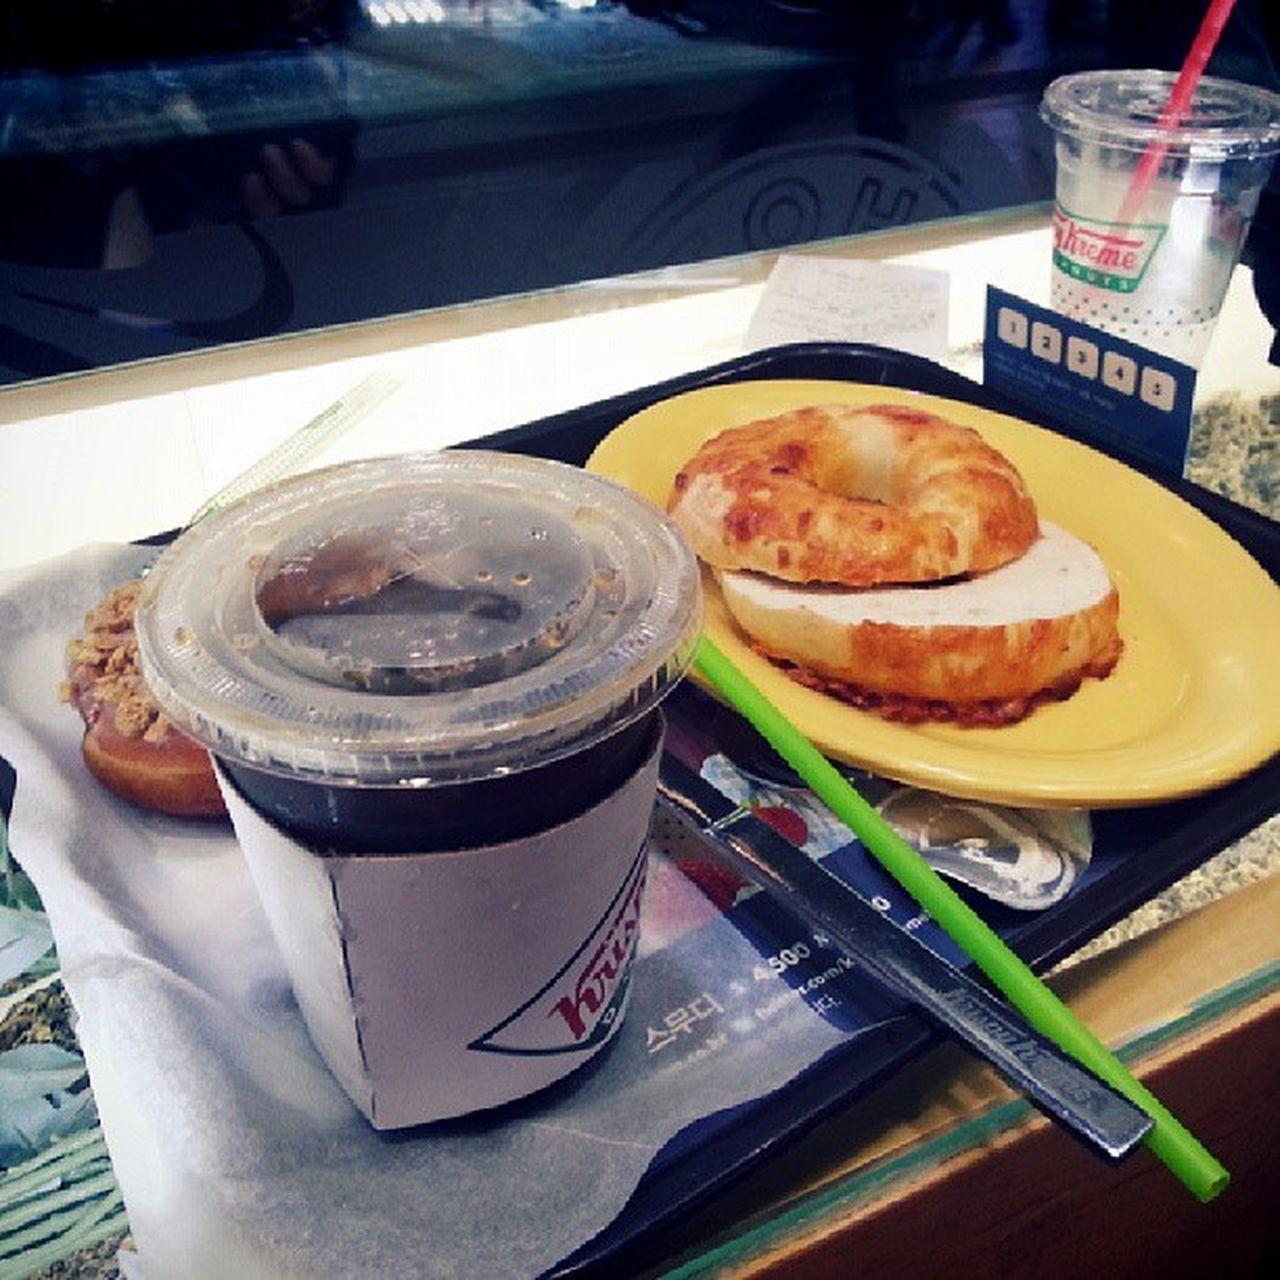 커피 한잔의 여유는 개뿔!! 버스와서 허겁지겁 ;D Ice Coffee Krispy Bagle cheese gangnam 강남 seoul 서울 korea 한국